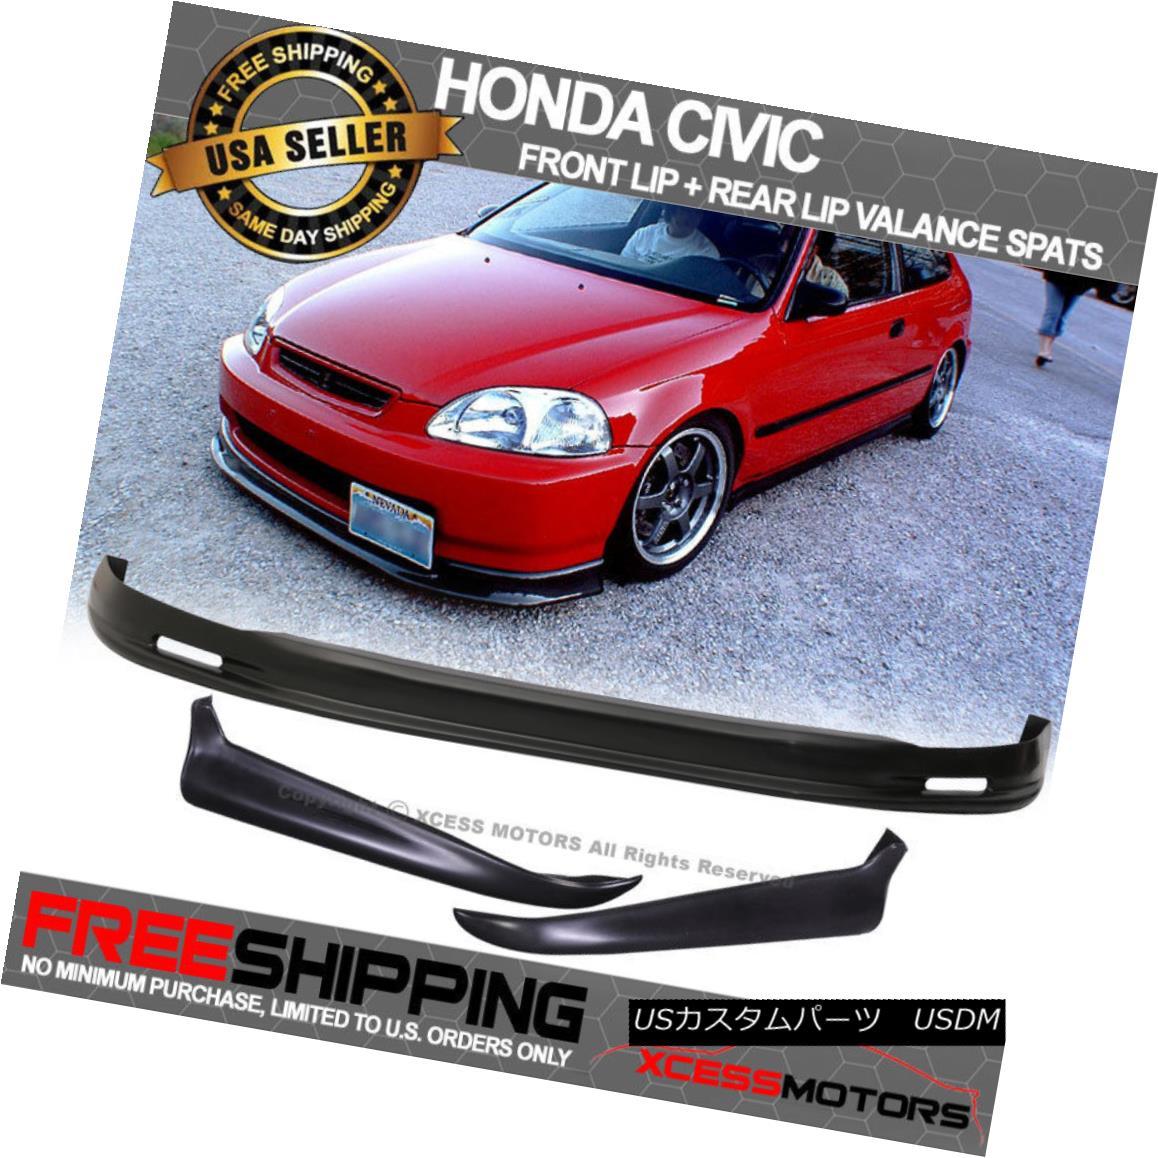 エアロパーツ Fits 96-98 Civic EK 2/4Dr Mugen PP Front Bumper Lip + Valance Spats 2Pc Rear Lip フィット96-98 Civic EK 2 / 4Dr Mugen PPフロントバンパーリップ+バランススパッツ2Pcリアリップ